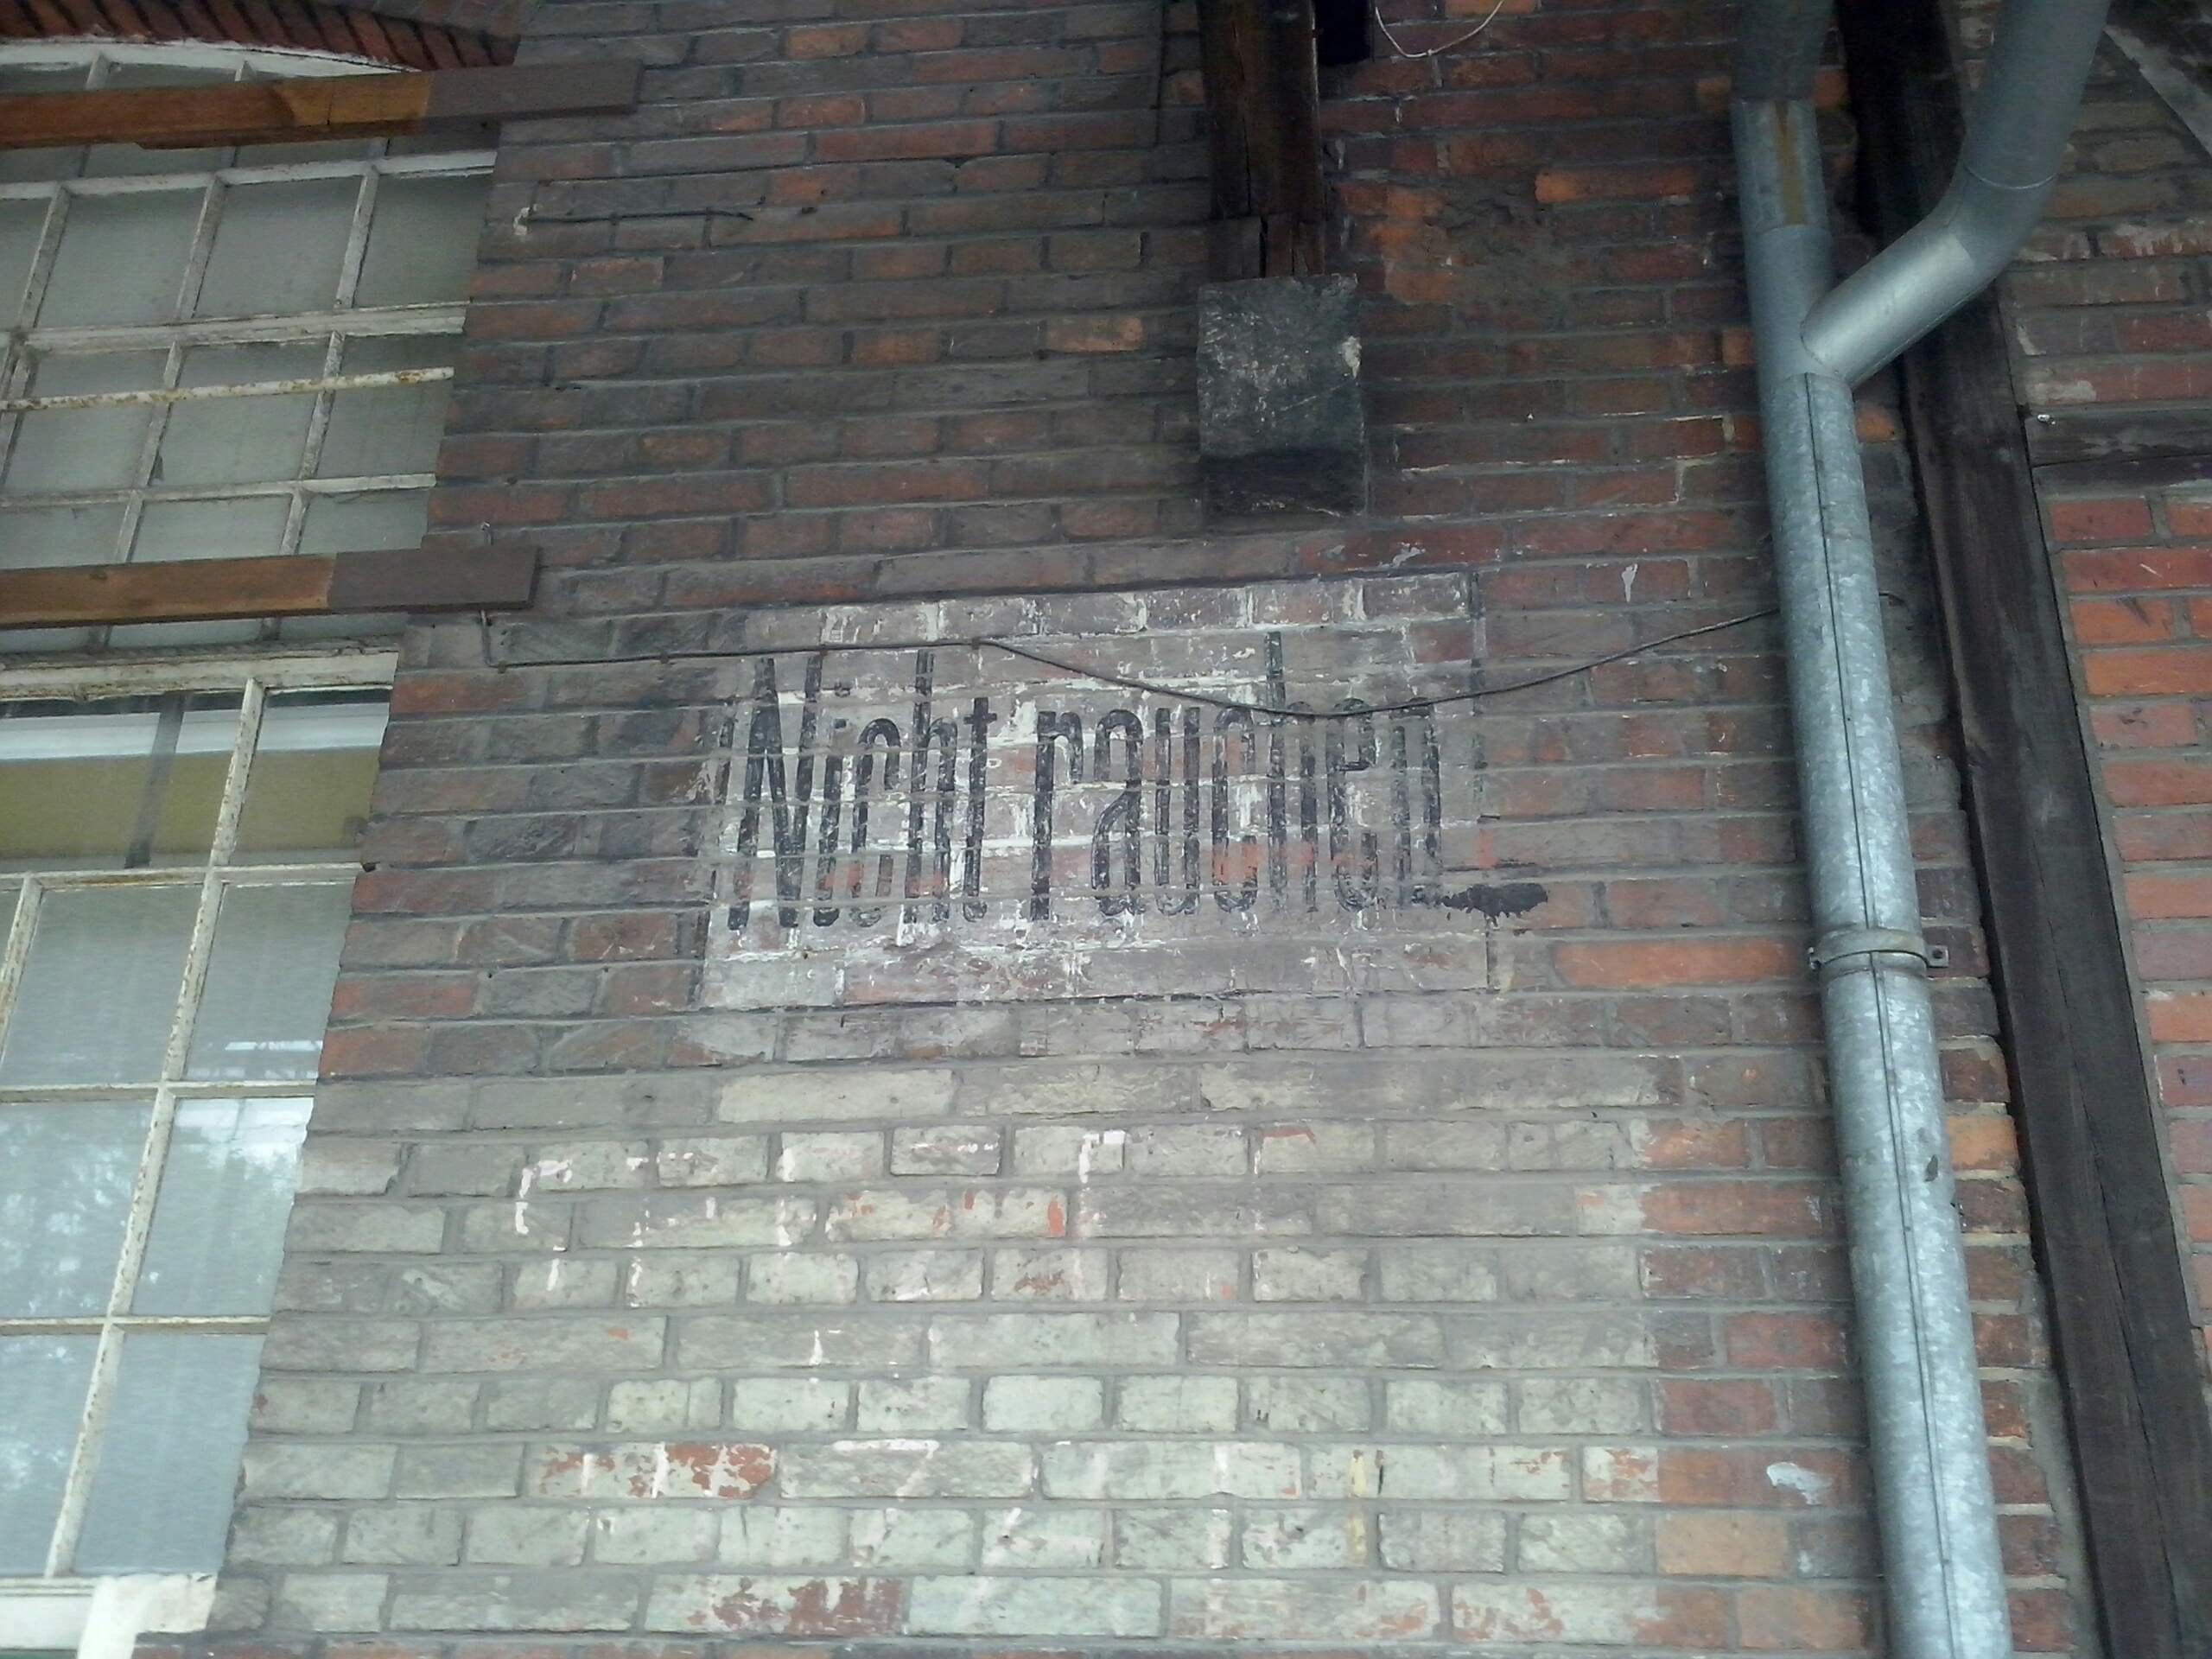 """Rys. 4. Napis """"Nie palić"""" (niem. """"Nicht rauchen"""") na elewacji budynku przy ul. Robotniczej (źródło własne)"""